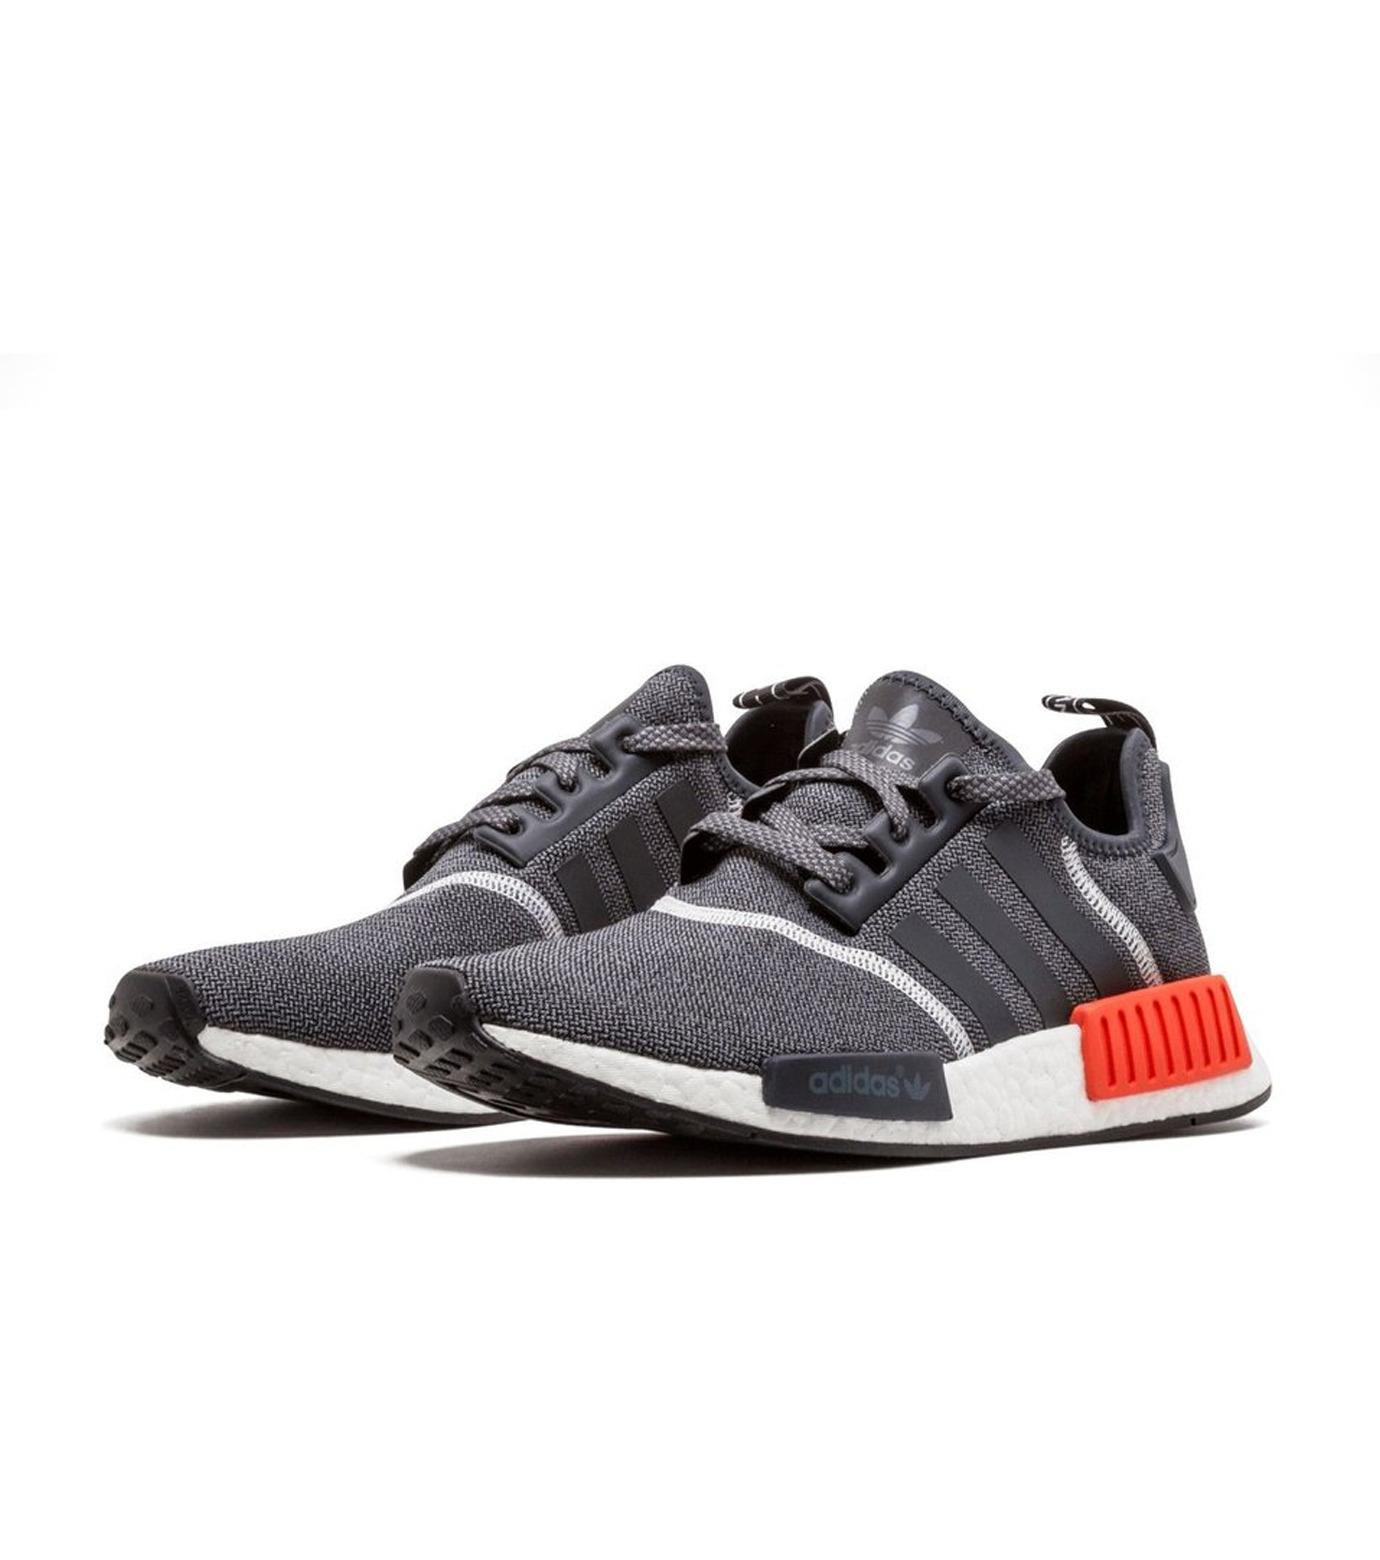 adidas(アディダス)のNMD R1-GRAY(シューズ/shoes)-S31510-11 拡大詳細画像3